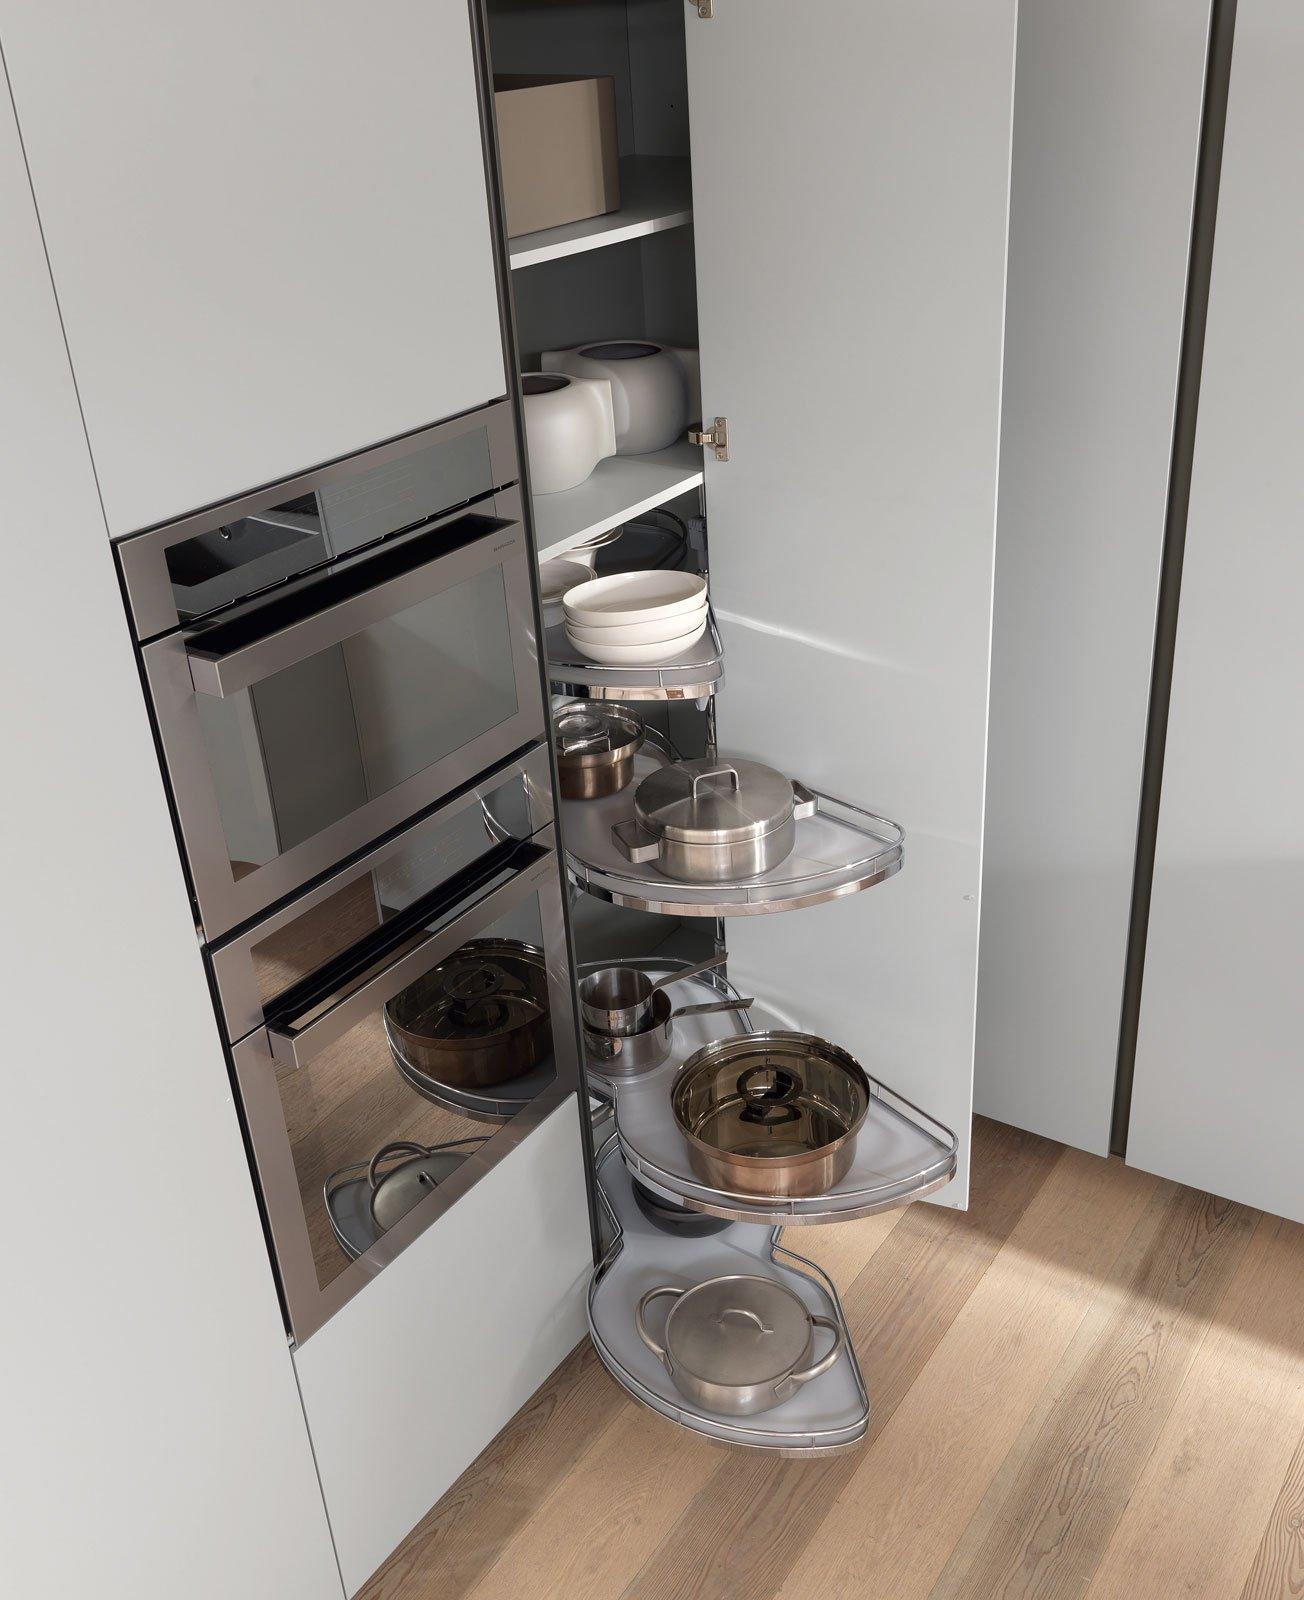 Sfruttare l 39 angolo in cucina cose di casa for Accessori di cucina